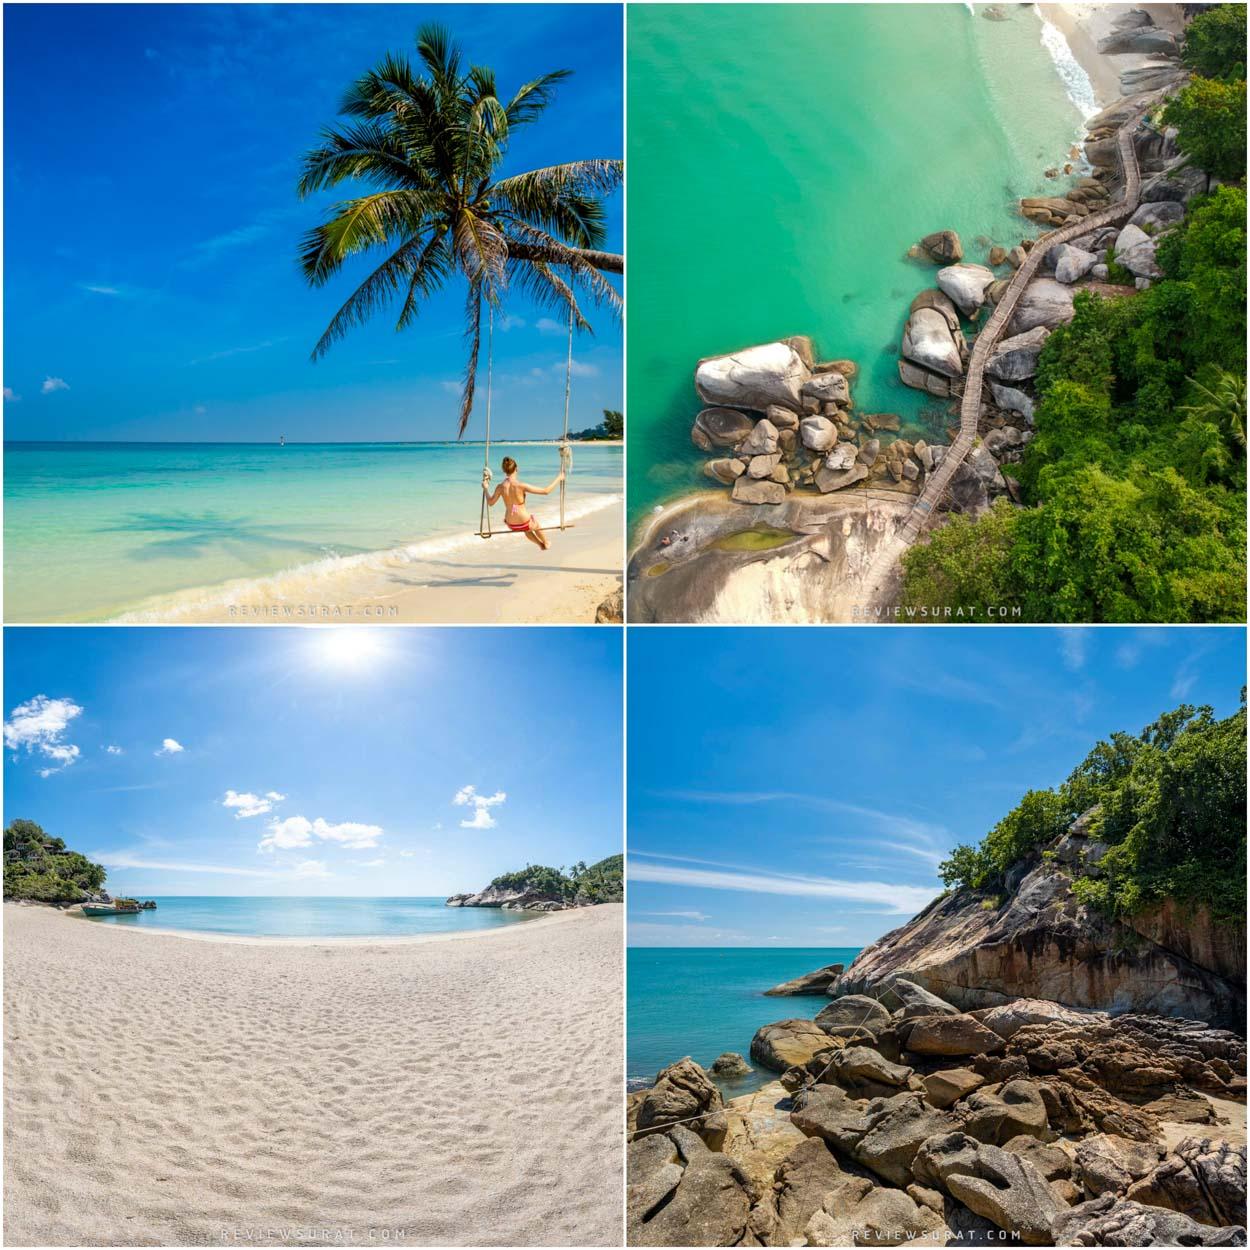 เกาะพะงัน สุราษฎร์ ปักหมุดถ่ายรูปวิวสวยๆ บรรยากาศฟินๆกับทรายสีขาวพลาดไม่ได้แล้วว